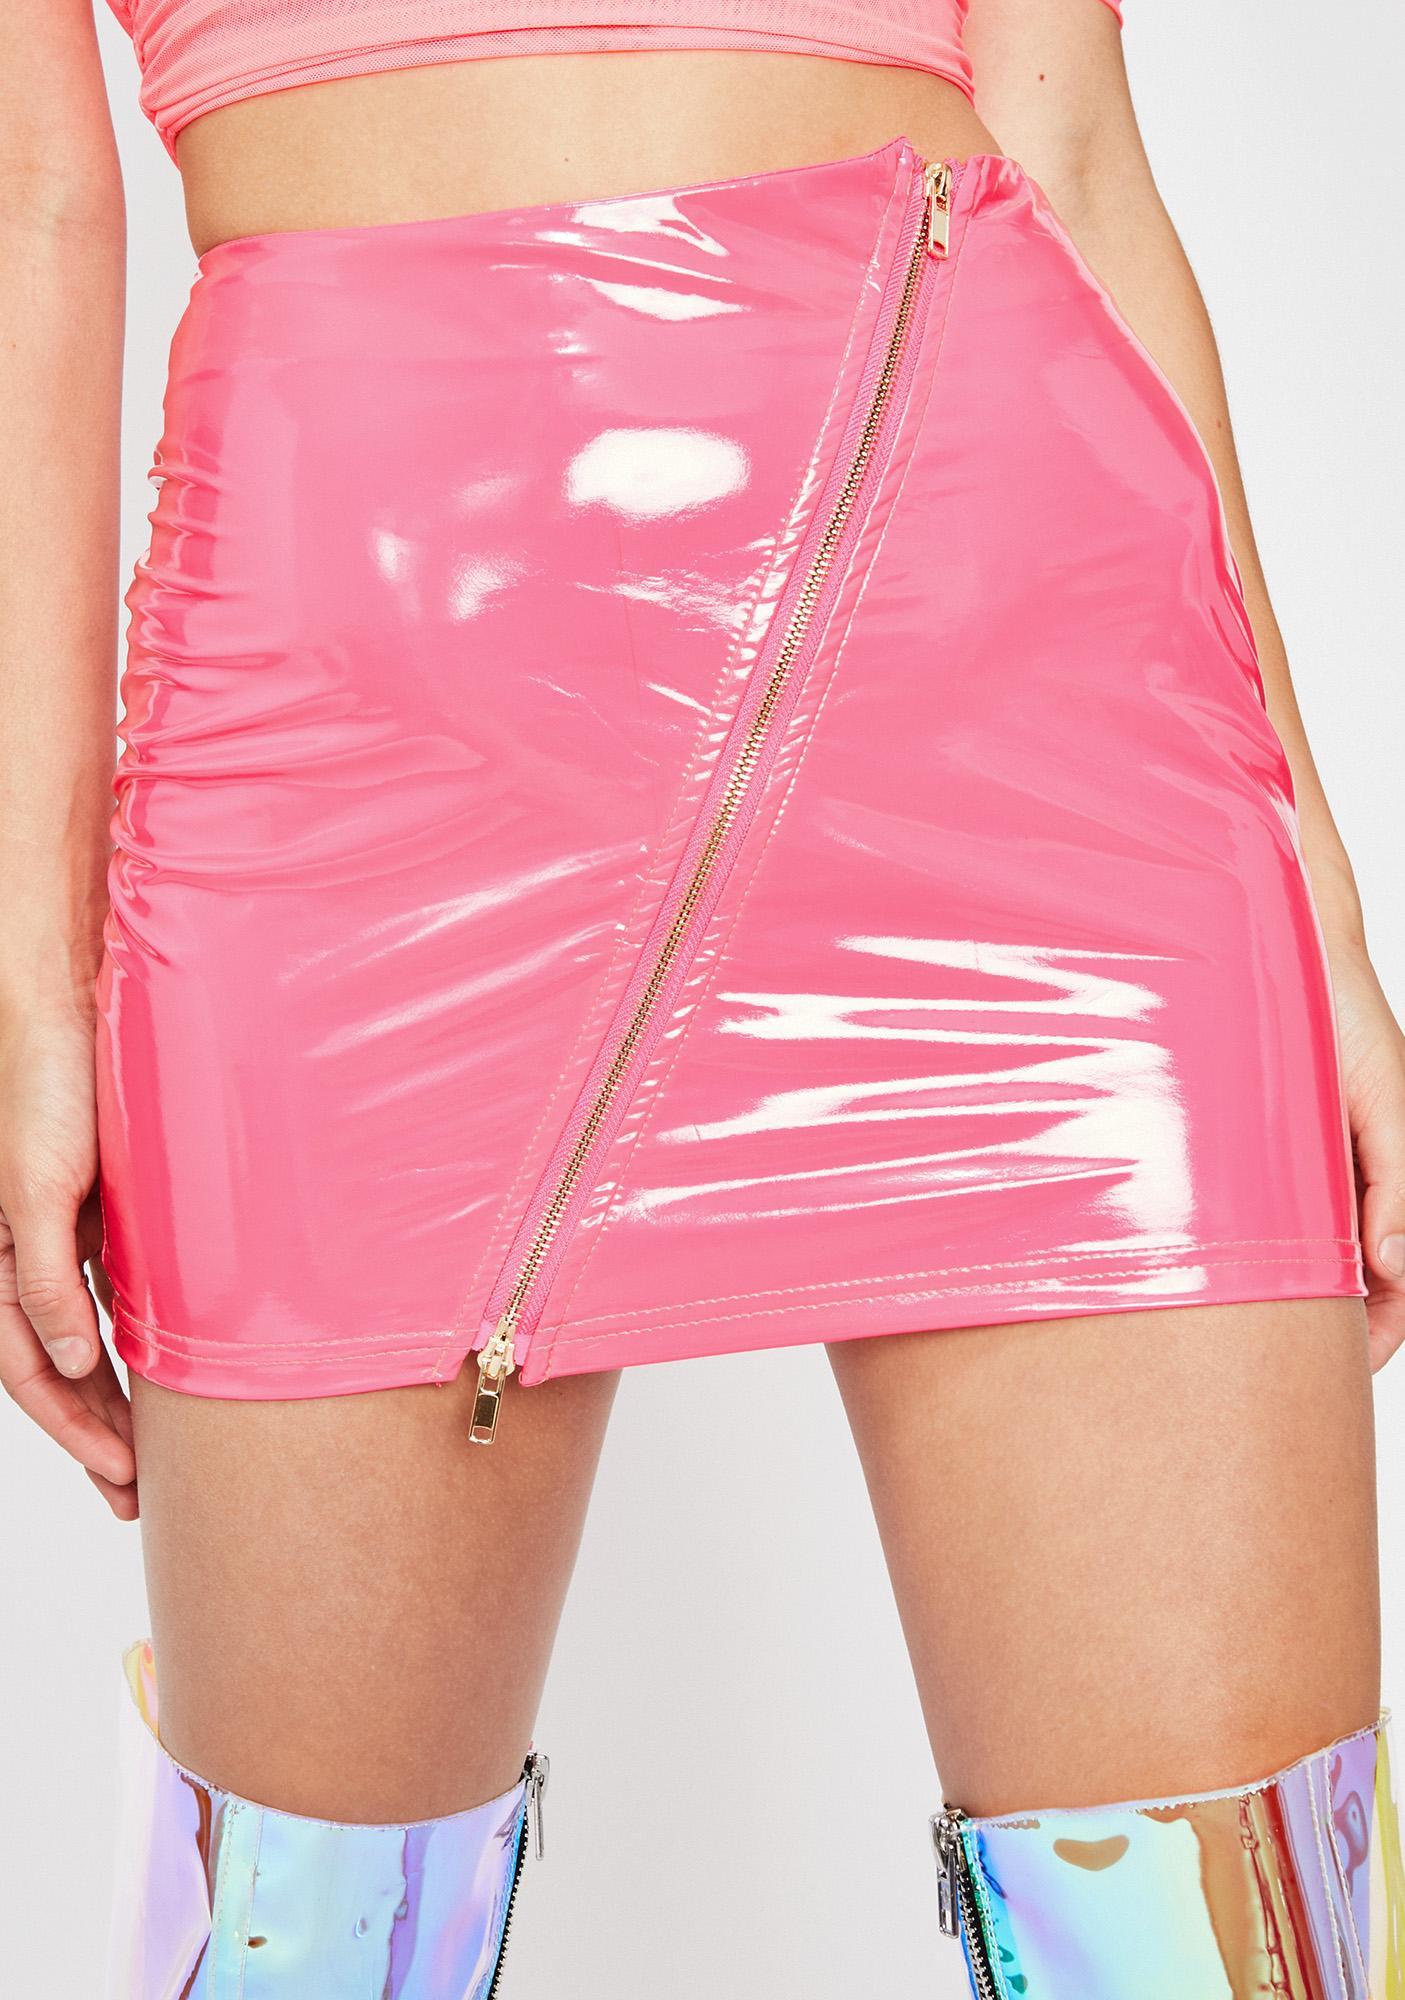 Galactic Glam Vinyl Skirt